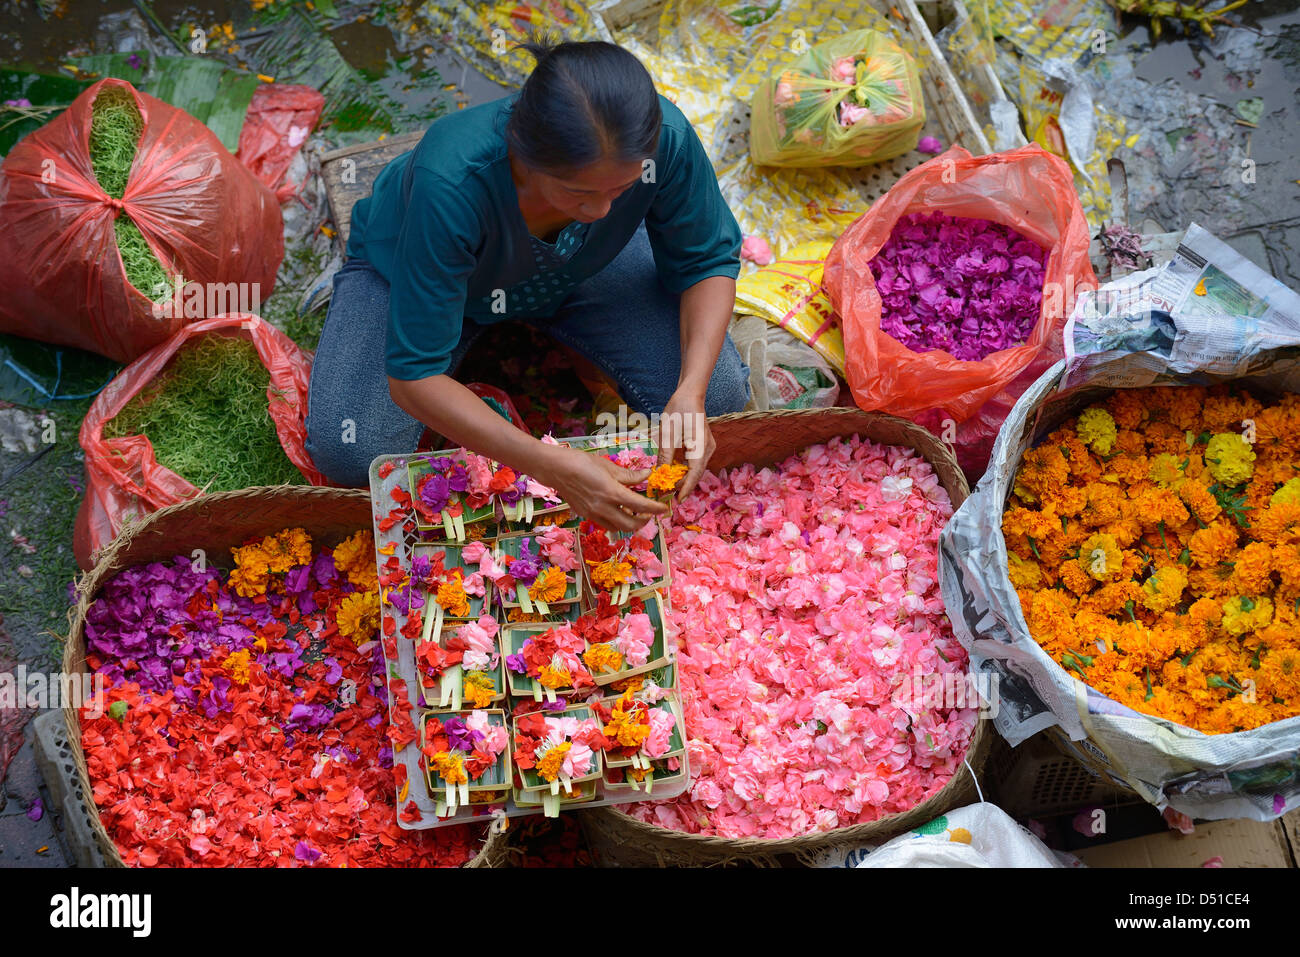 Indonesia, Bali, Ubud, selling flowers at the market - Stock Image